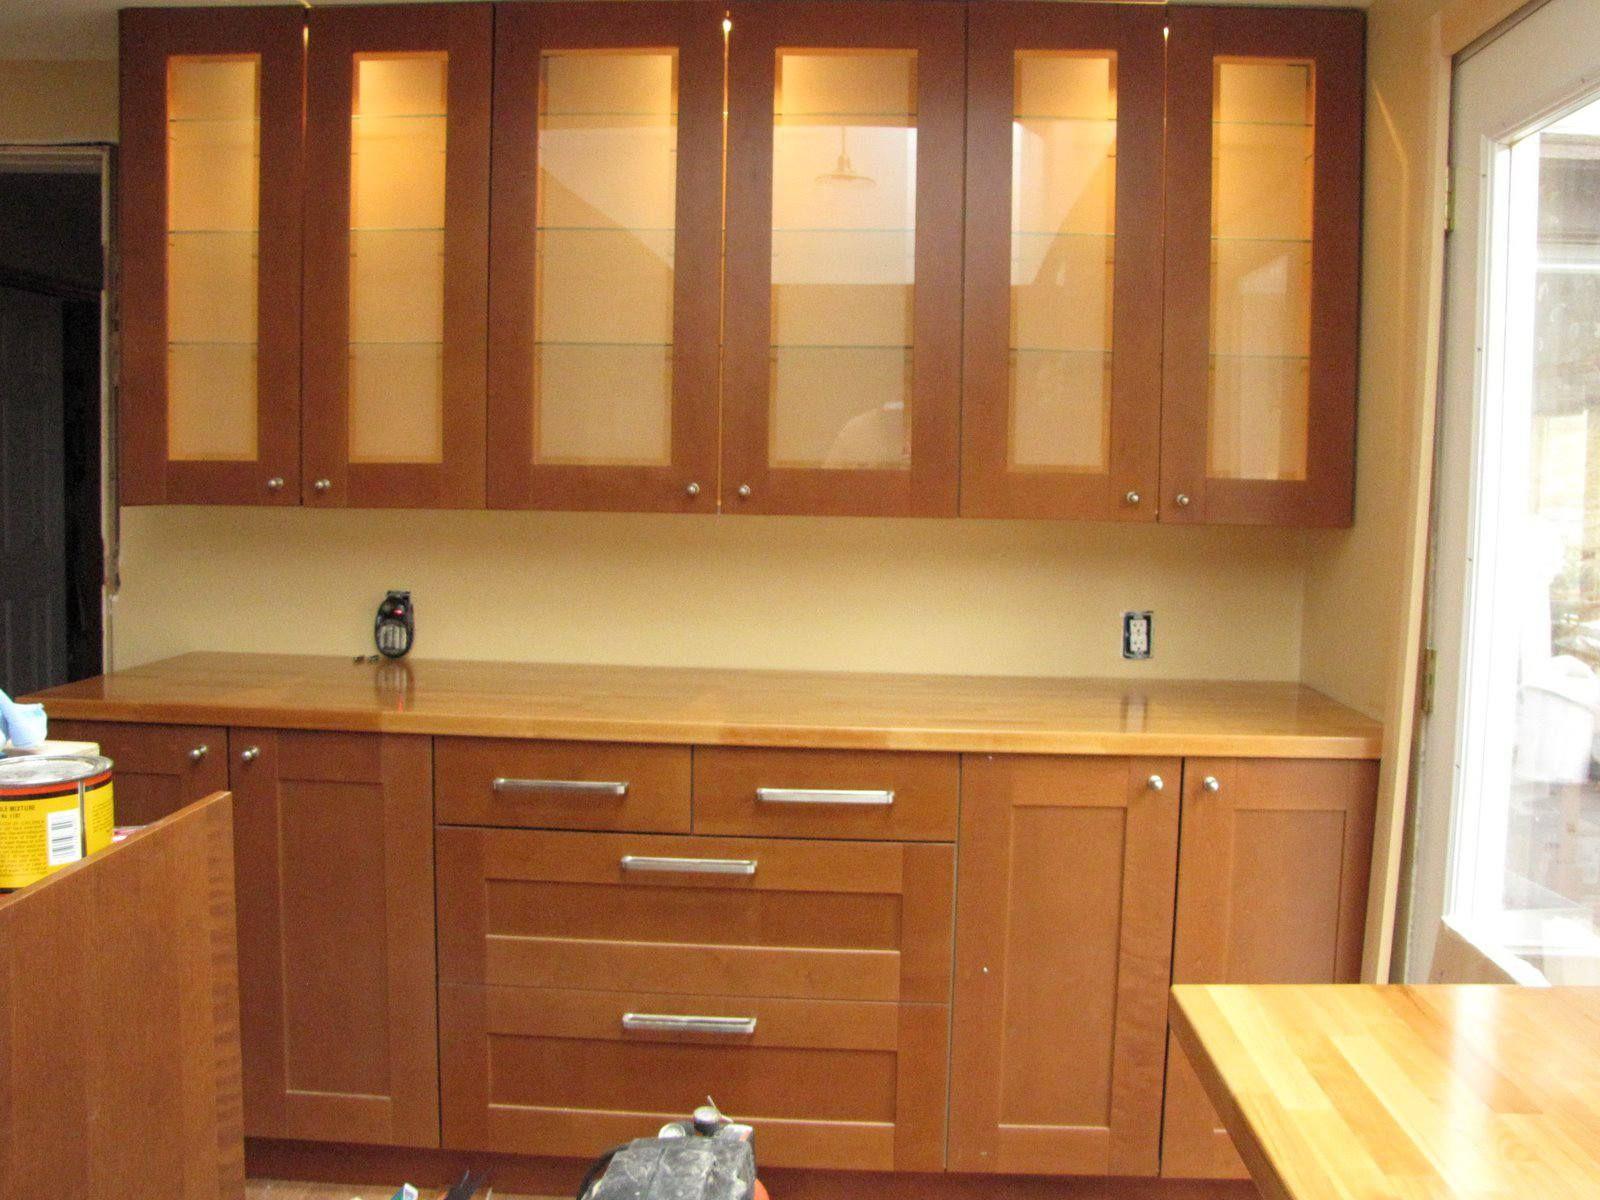 76 Phantasie Küchenschränke Mit Glas Einsätzen